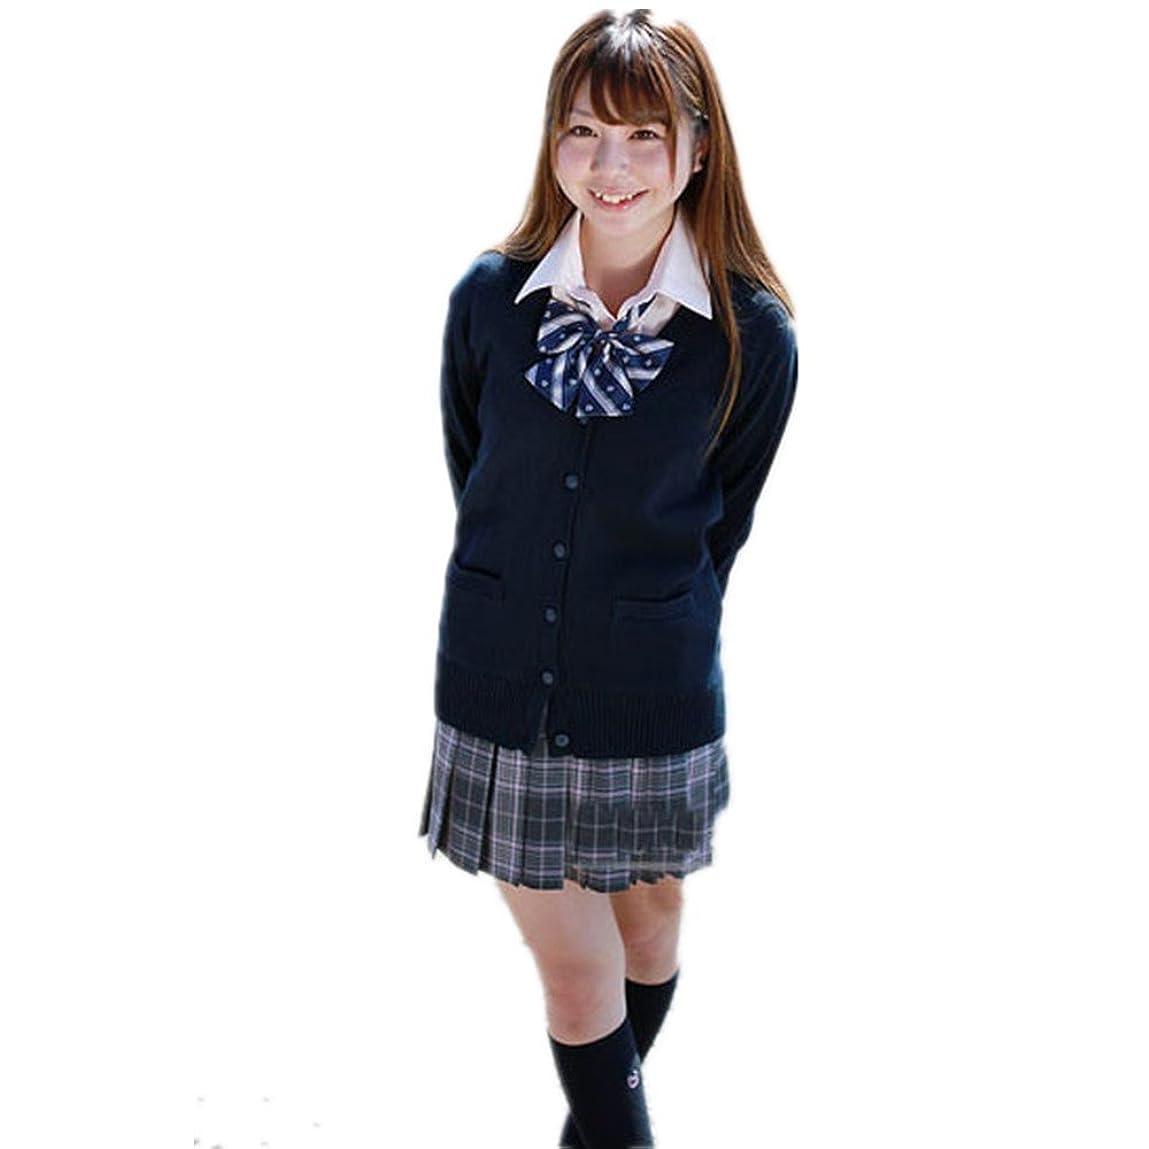 桃代理人アクロバットhappy-JP レディース カーディガン セーター 学生服 制服 スクールセーター Vネック コットン